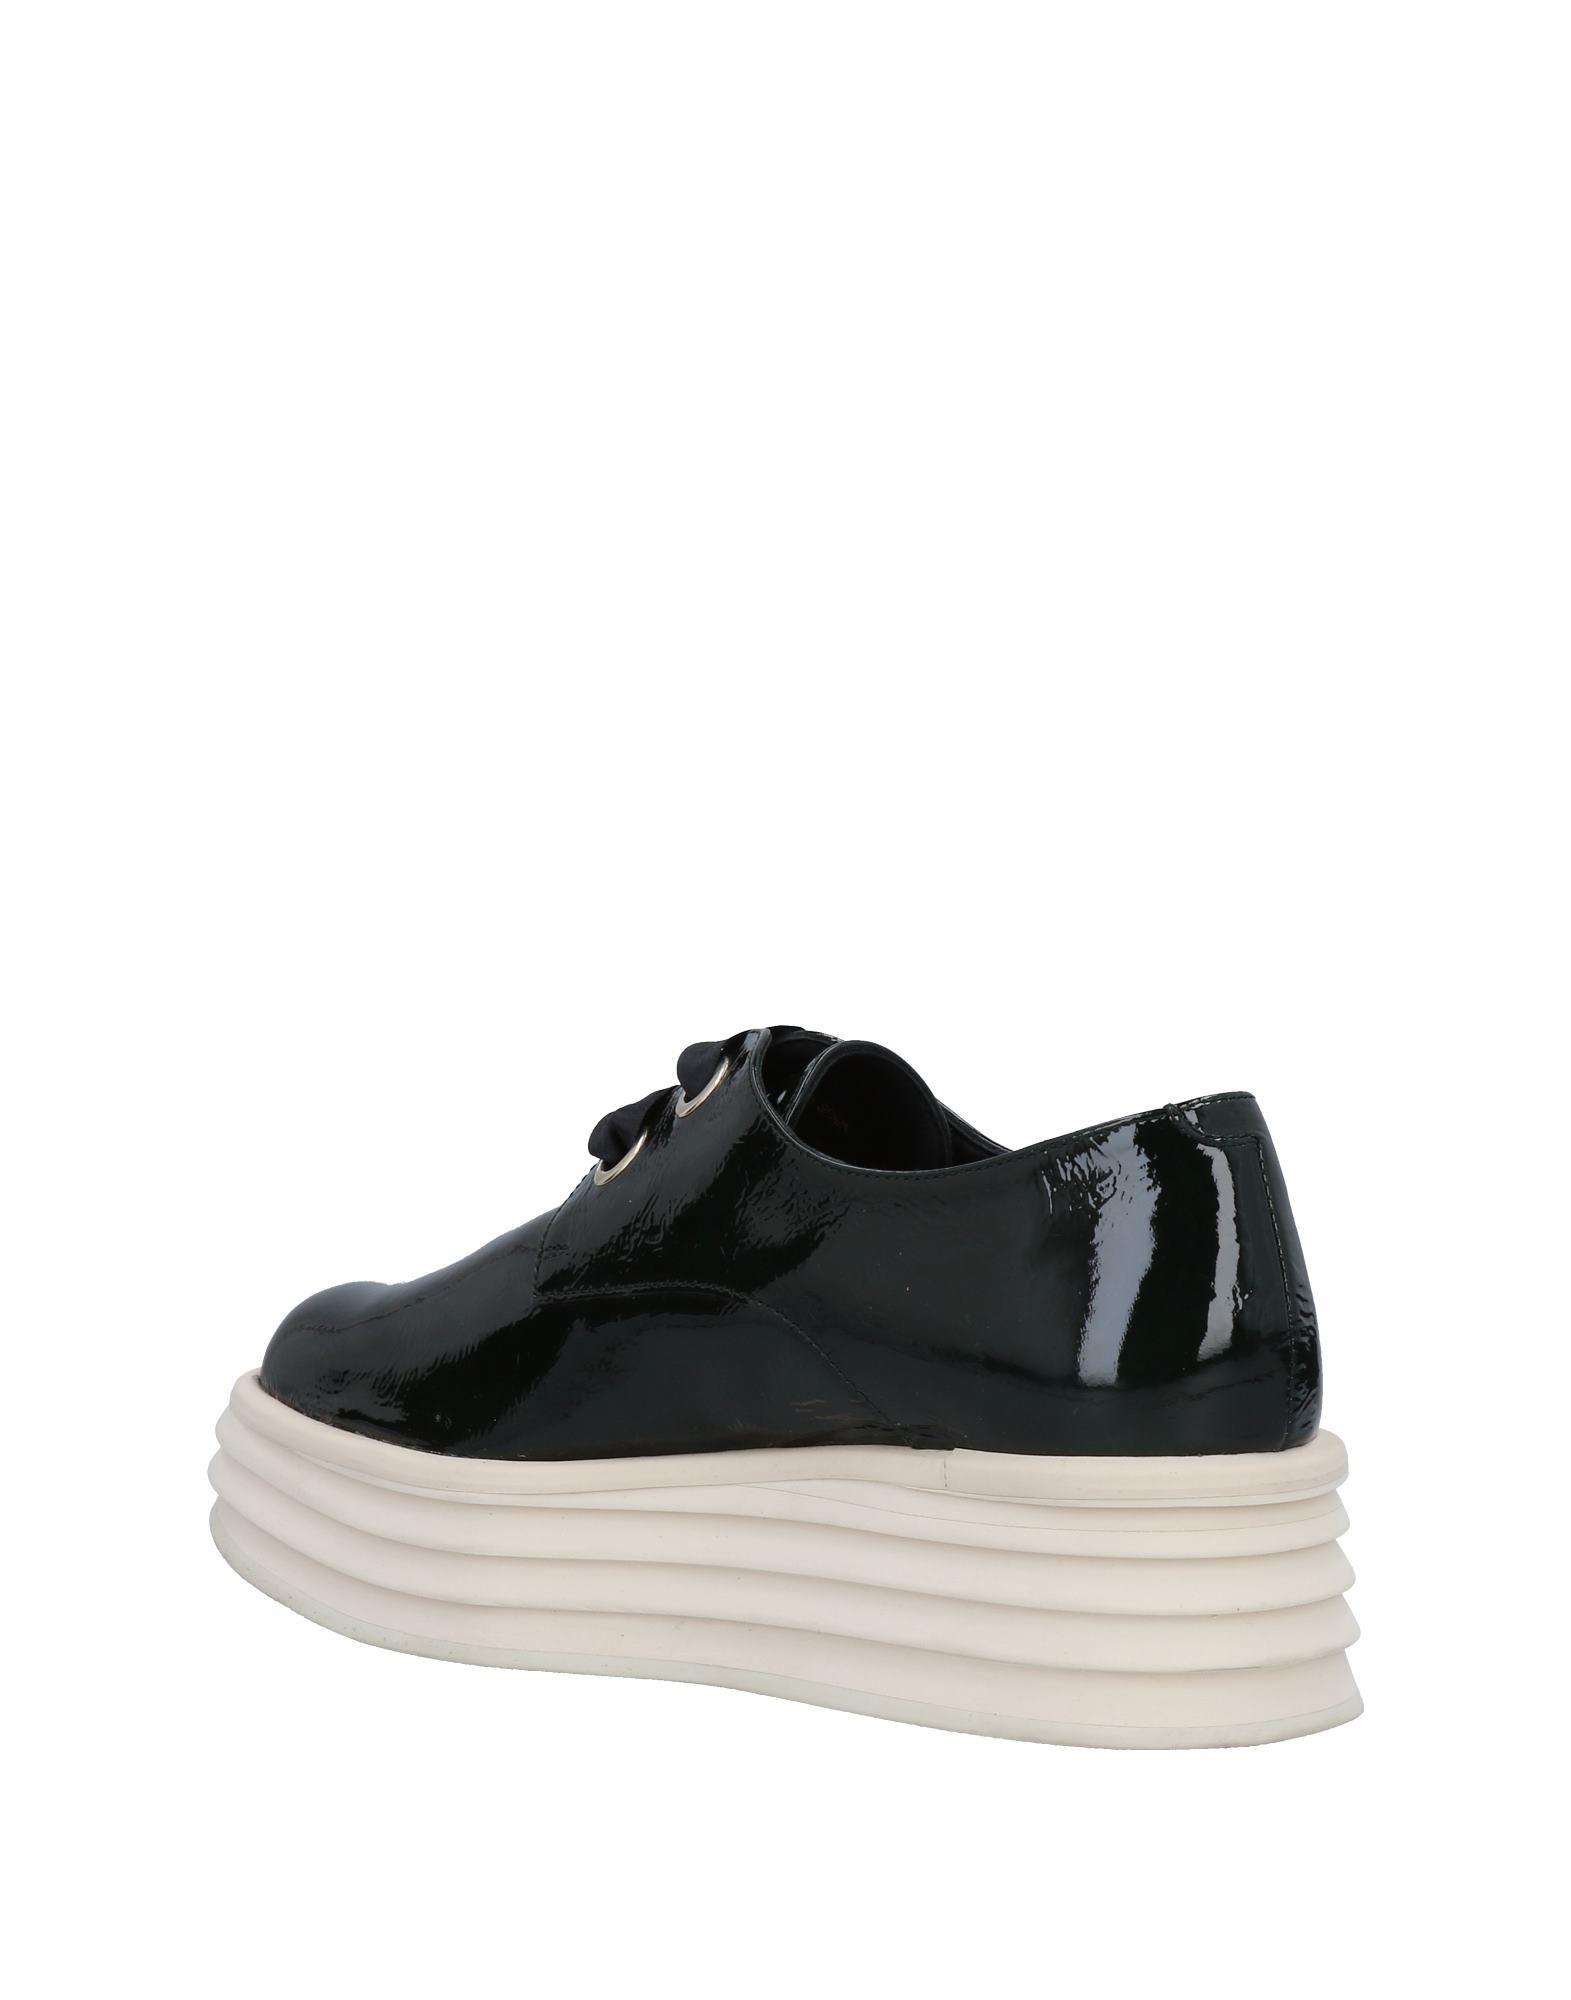 Paloma Barceló Sneakers Damen 11494469LH  11494469LH Damen 8767ce